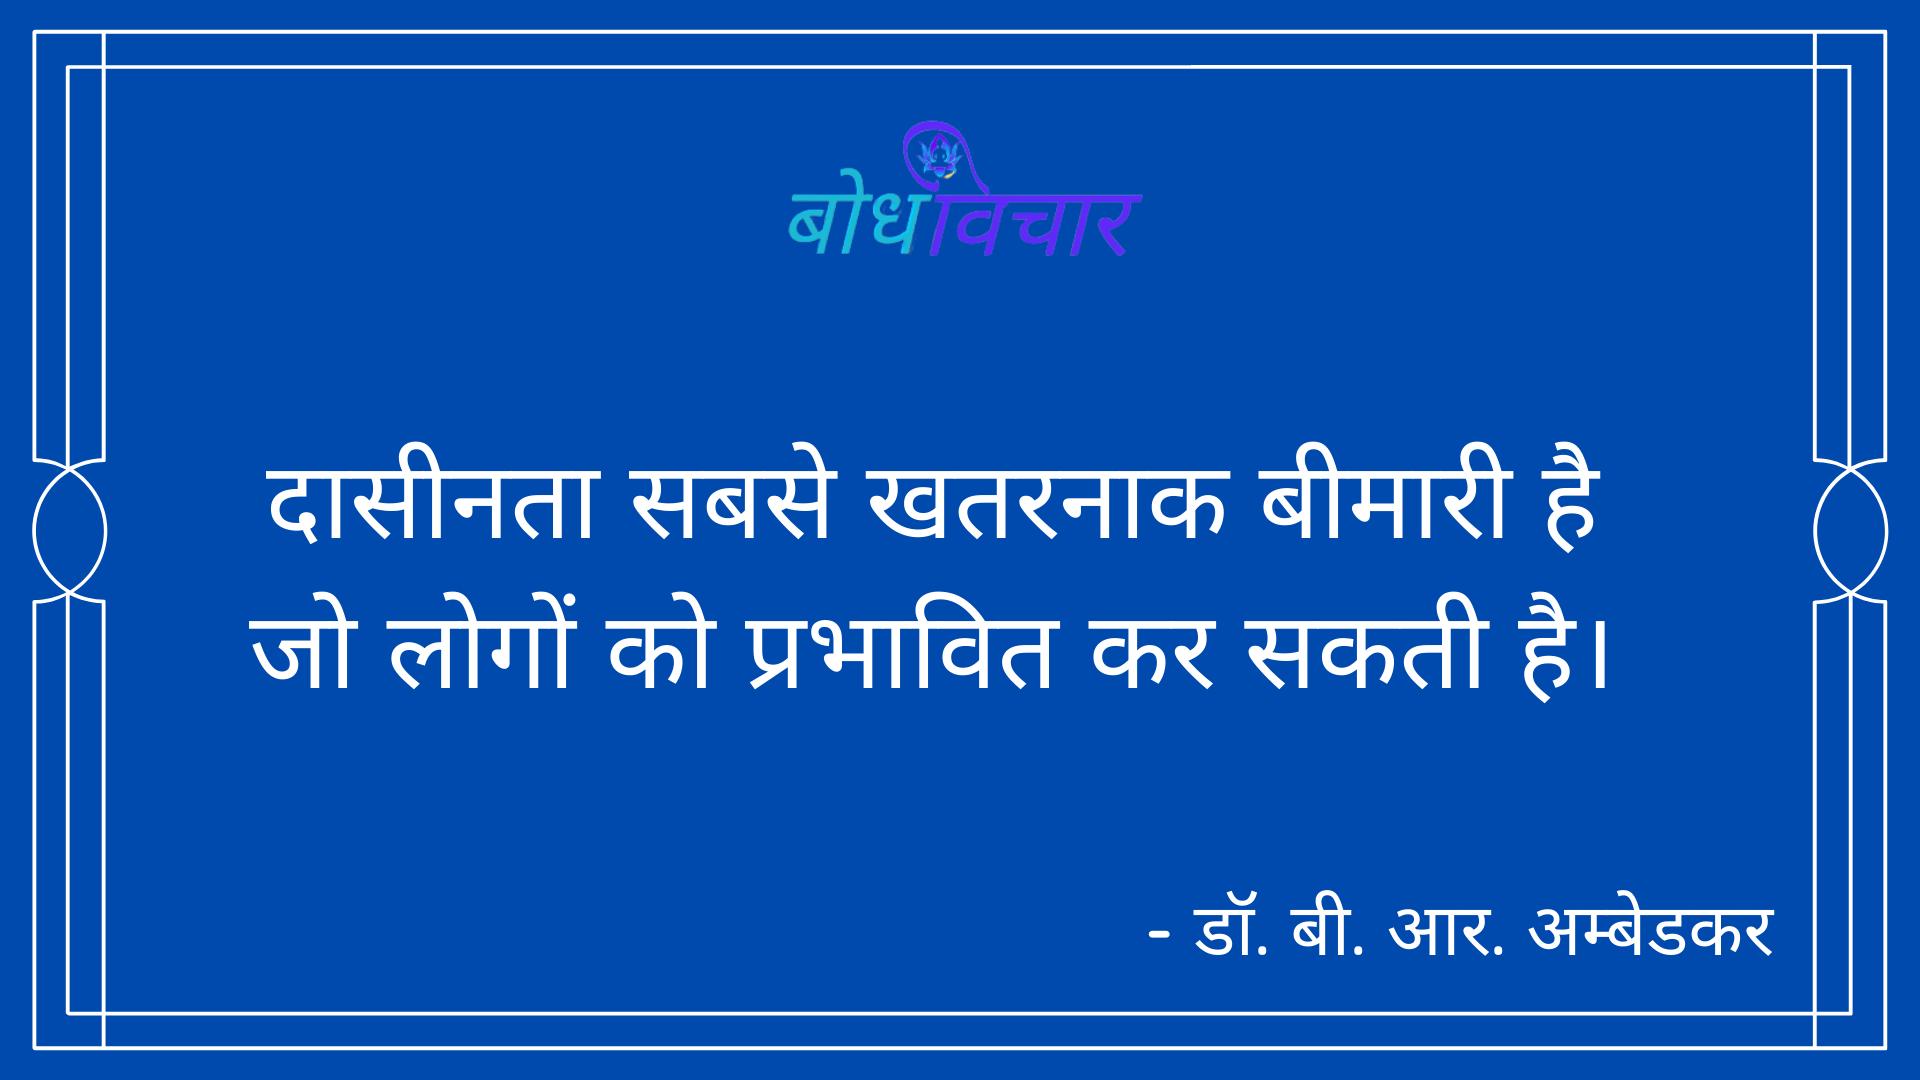 दासीनता सबसे खतरनाक बीमारी है जो लोगों को प्रभावित कर सकती है। : Daaseenata sabase khataranaak beemaaree hai jo logon ko prabhaavit kar sakatee hai. - डॉ॰ बी॰ आर॰ अम्बेडकर